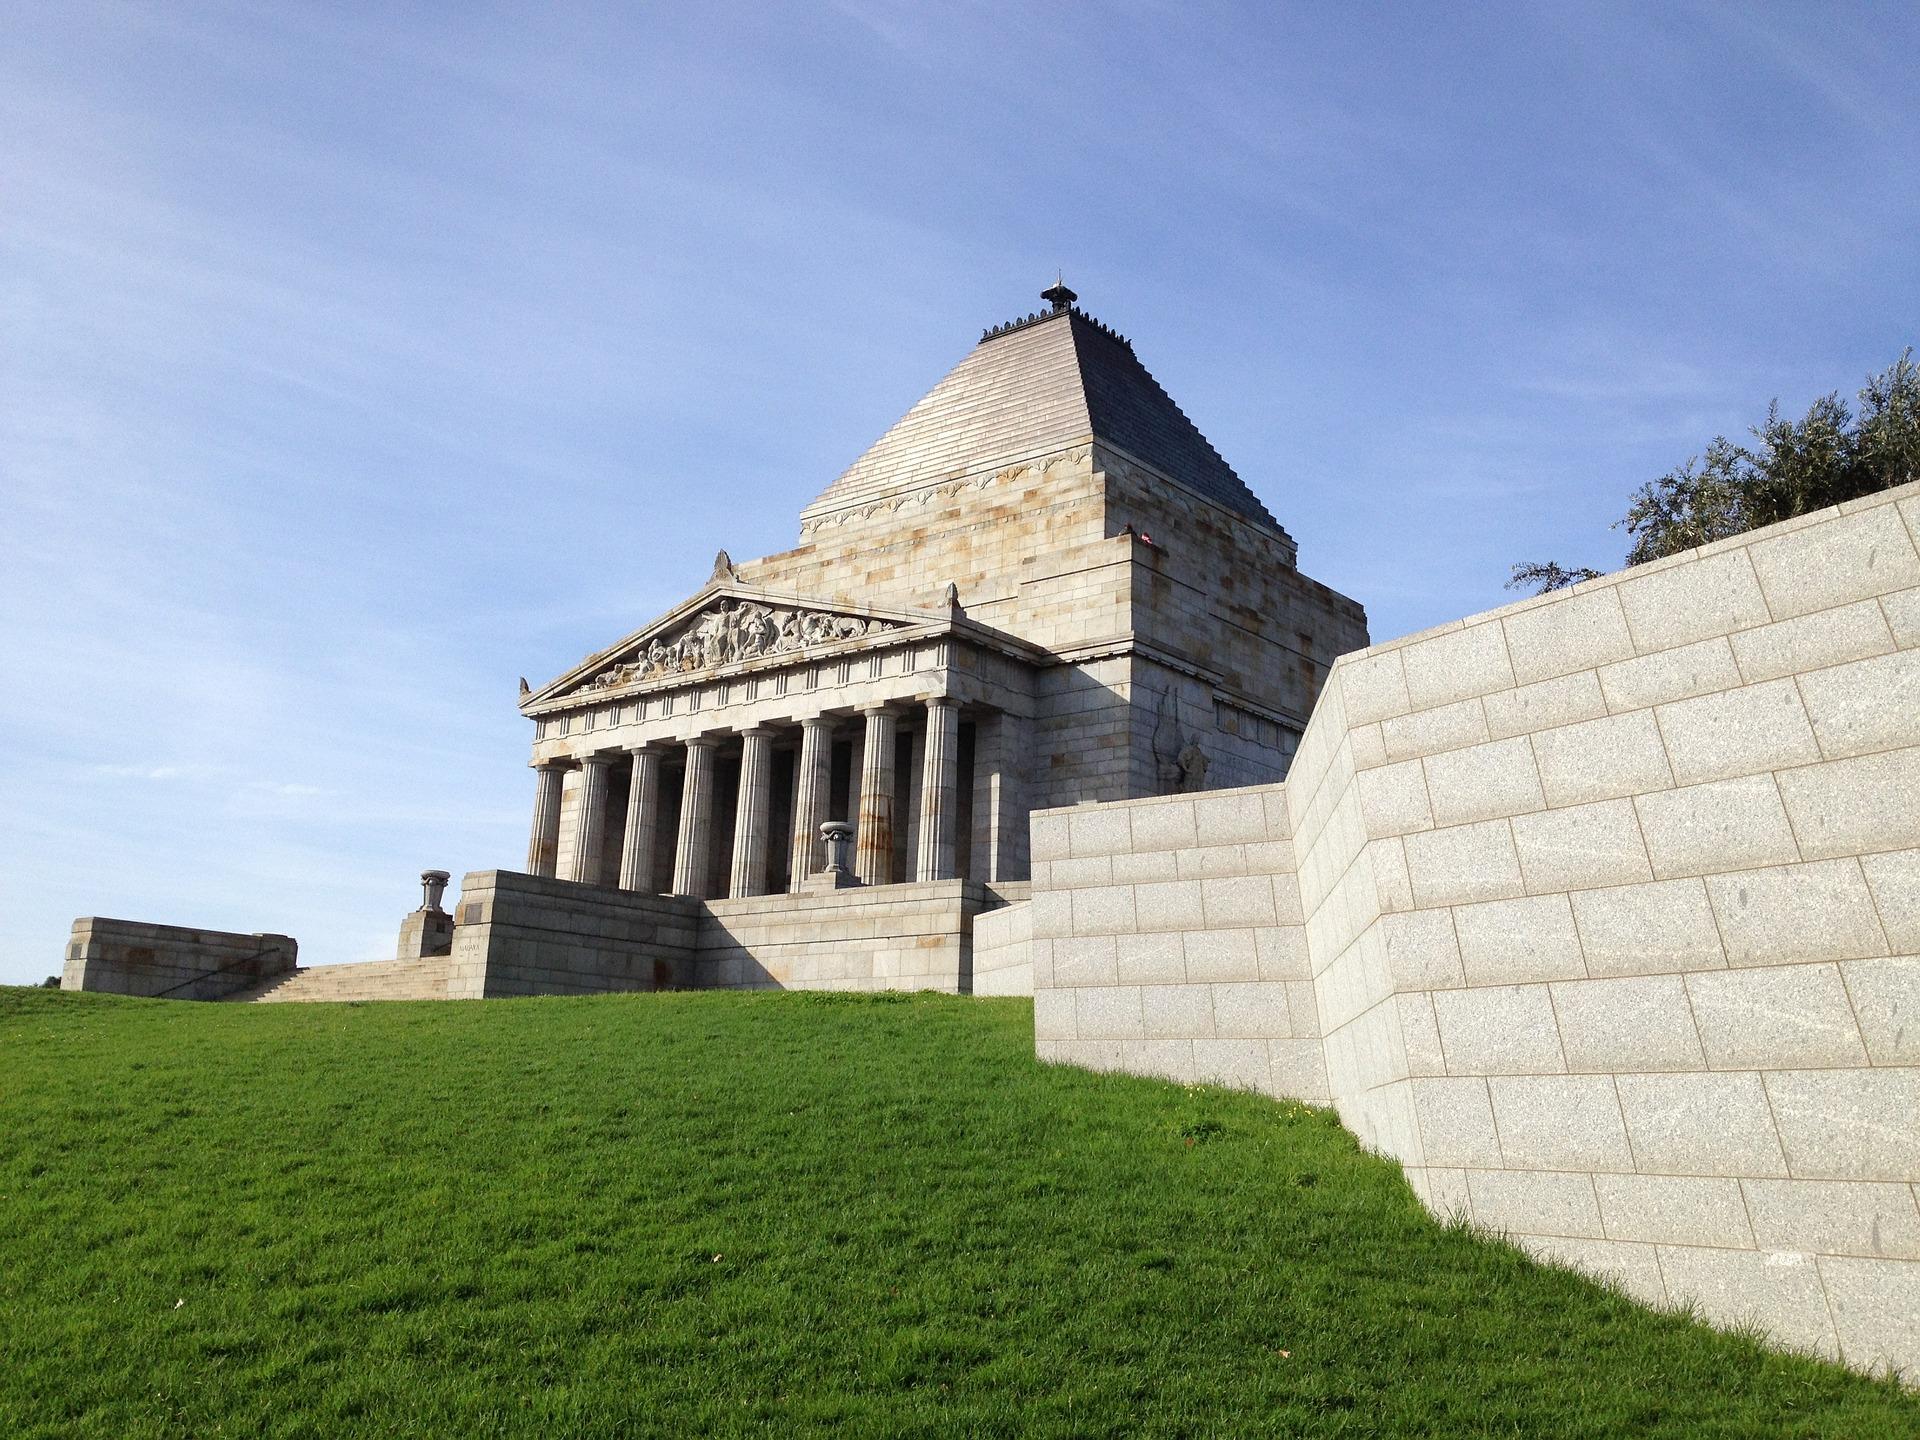 The Shrine of Remembrance War memorial in Melbourne, Victoria, Australia